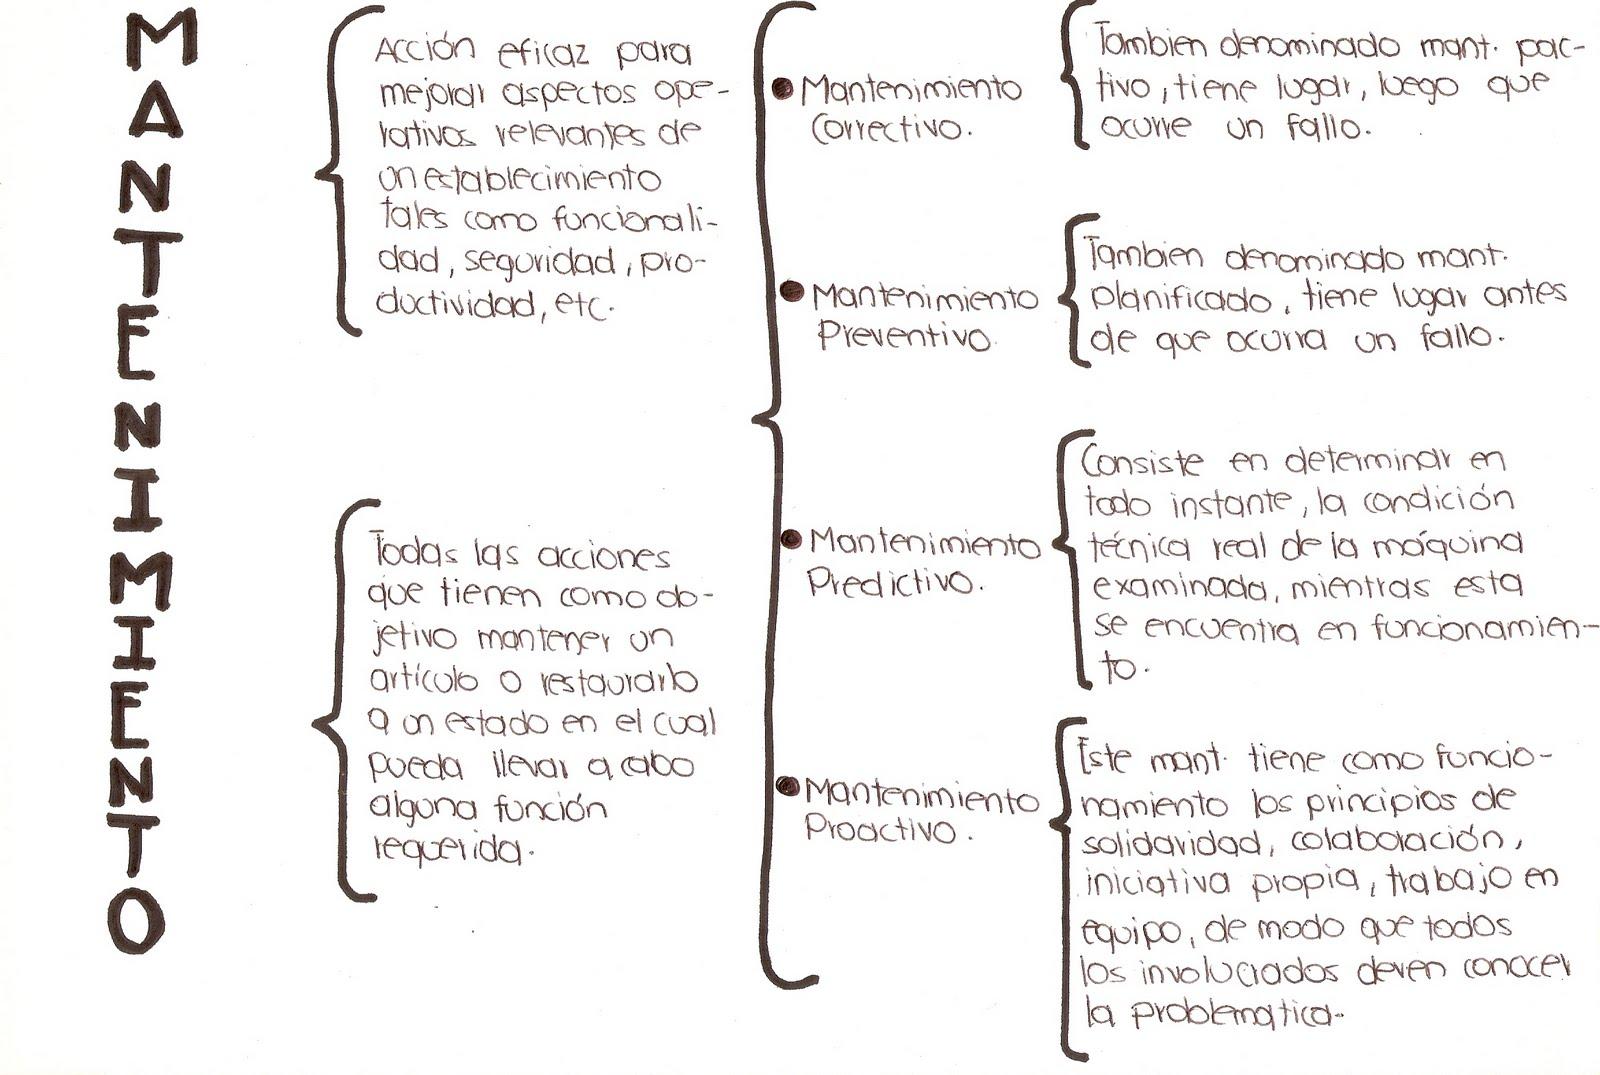 AMPCEC: Tipos de Mantenimiento